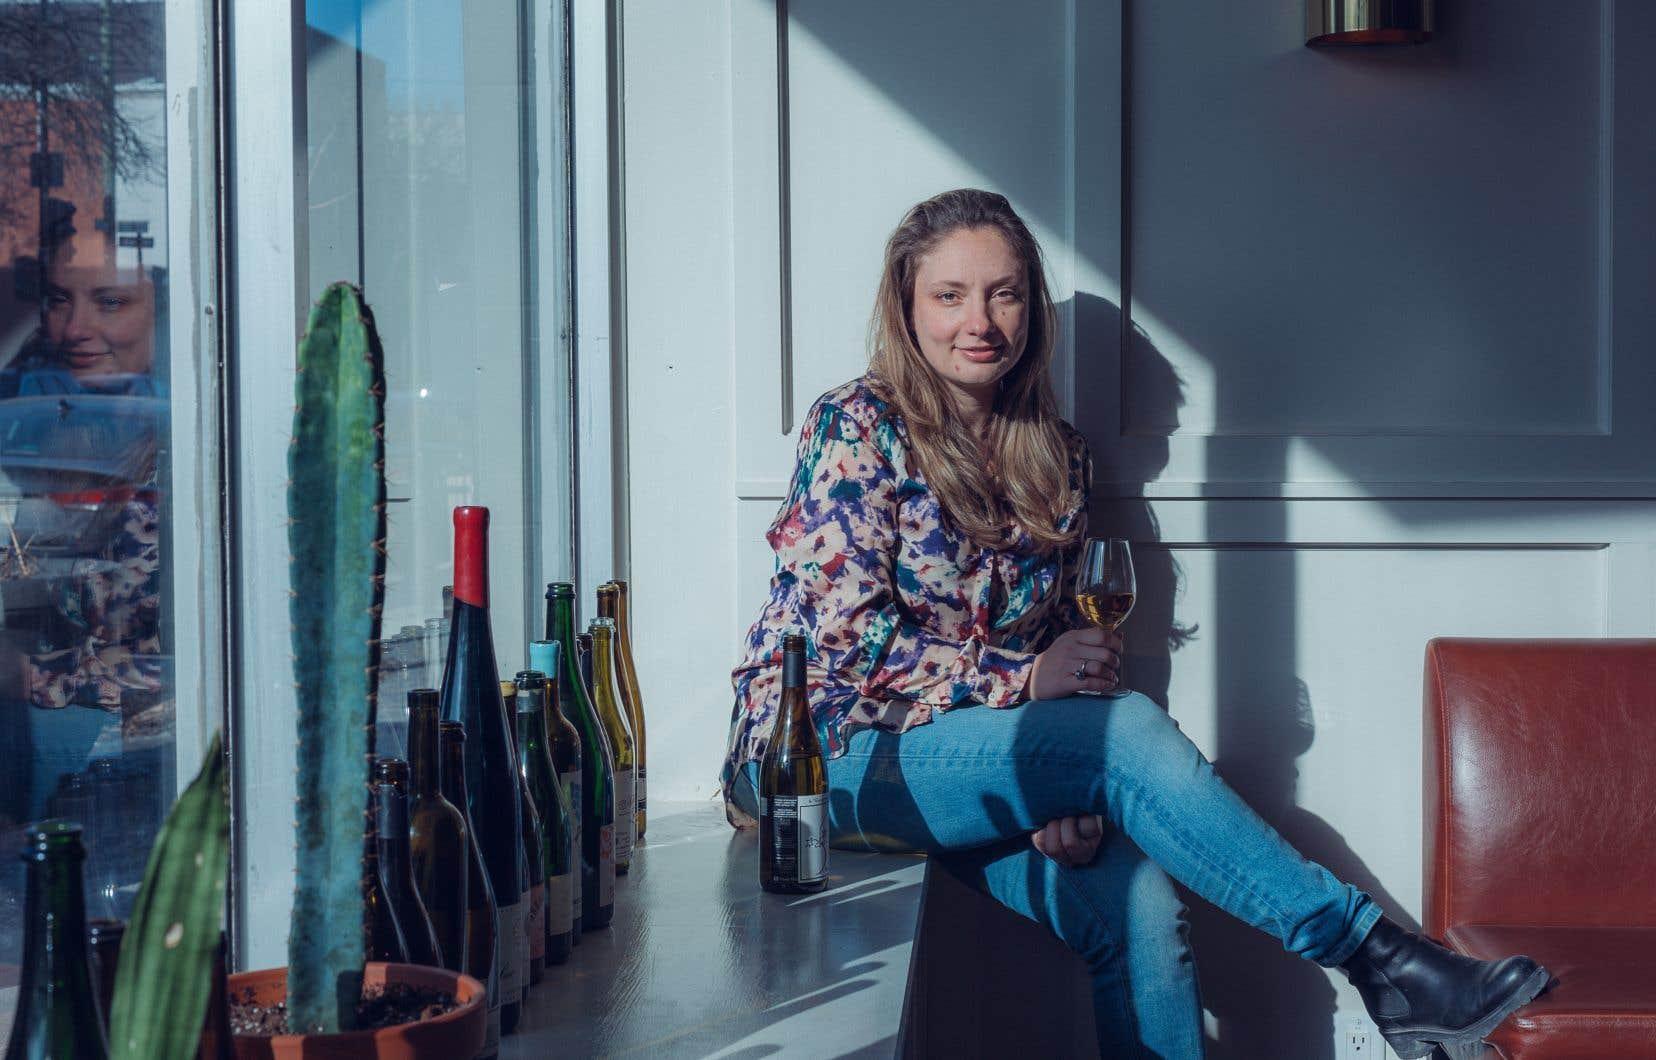 Vanya Filipovic, du chic resto Mon Lapin! à Montréal, «sent de façon palpable que les plaisirs en mode pandémie sont si restreints que les gens recherchent de grandes émotions», comme celles que procurent les vins nature.